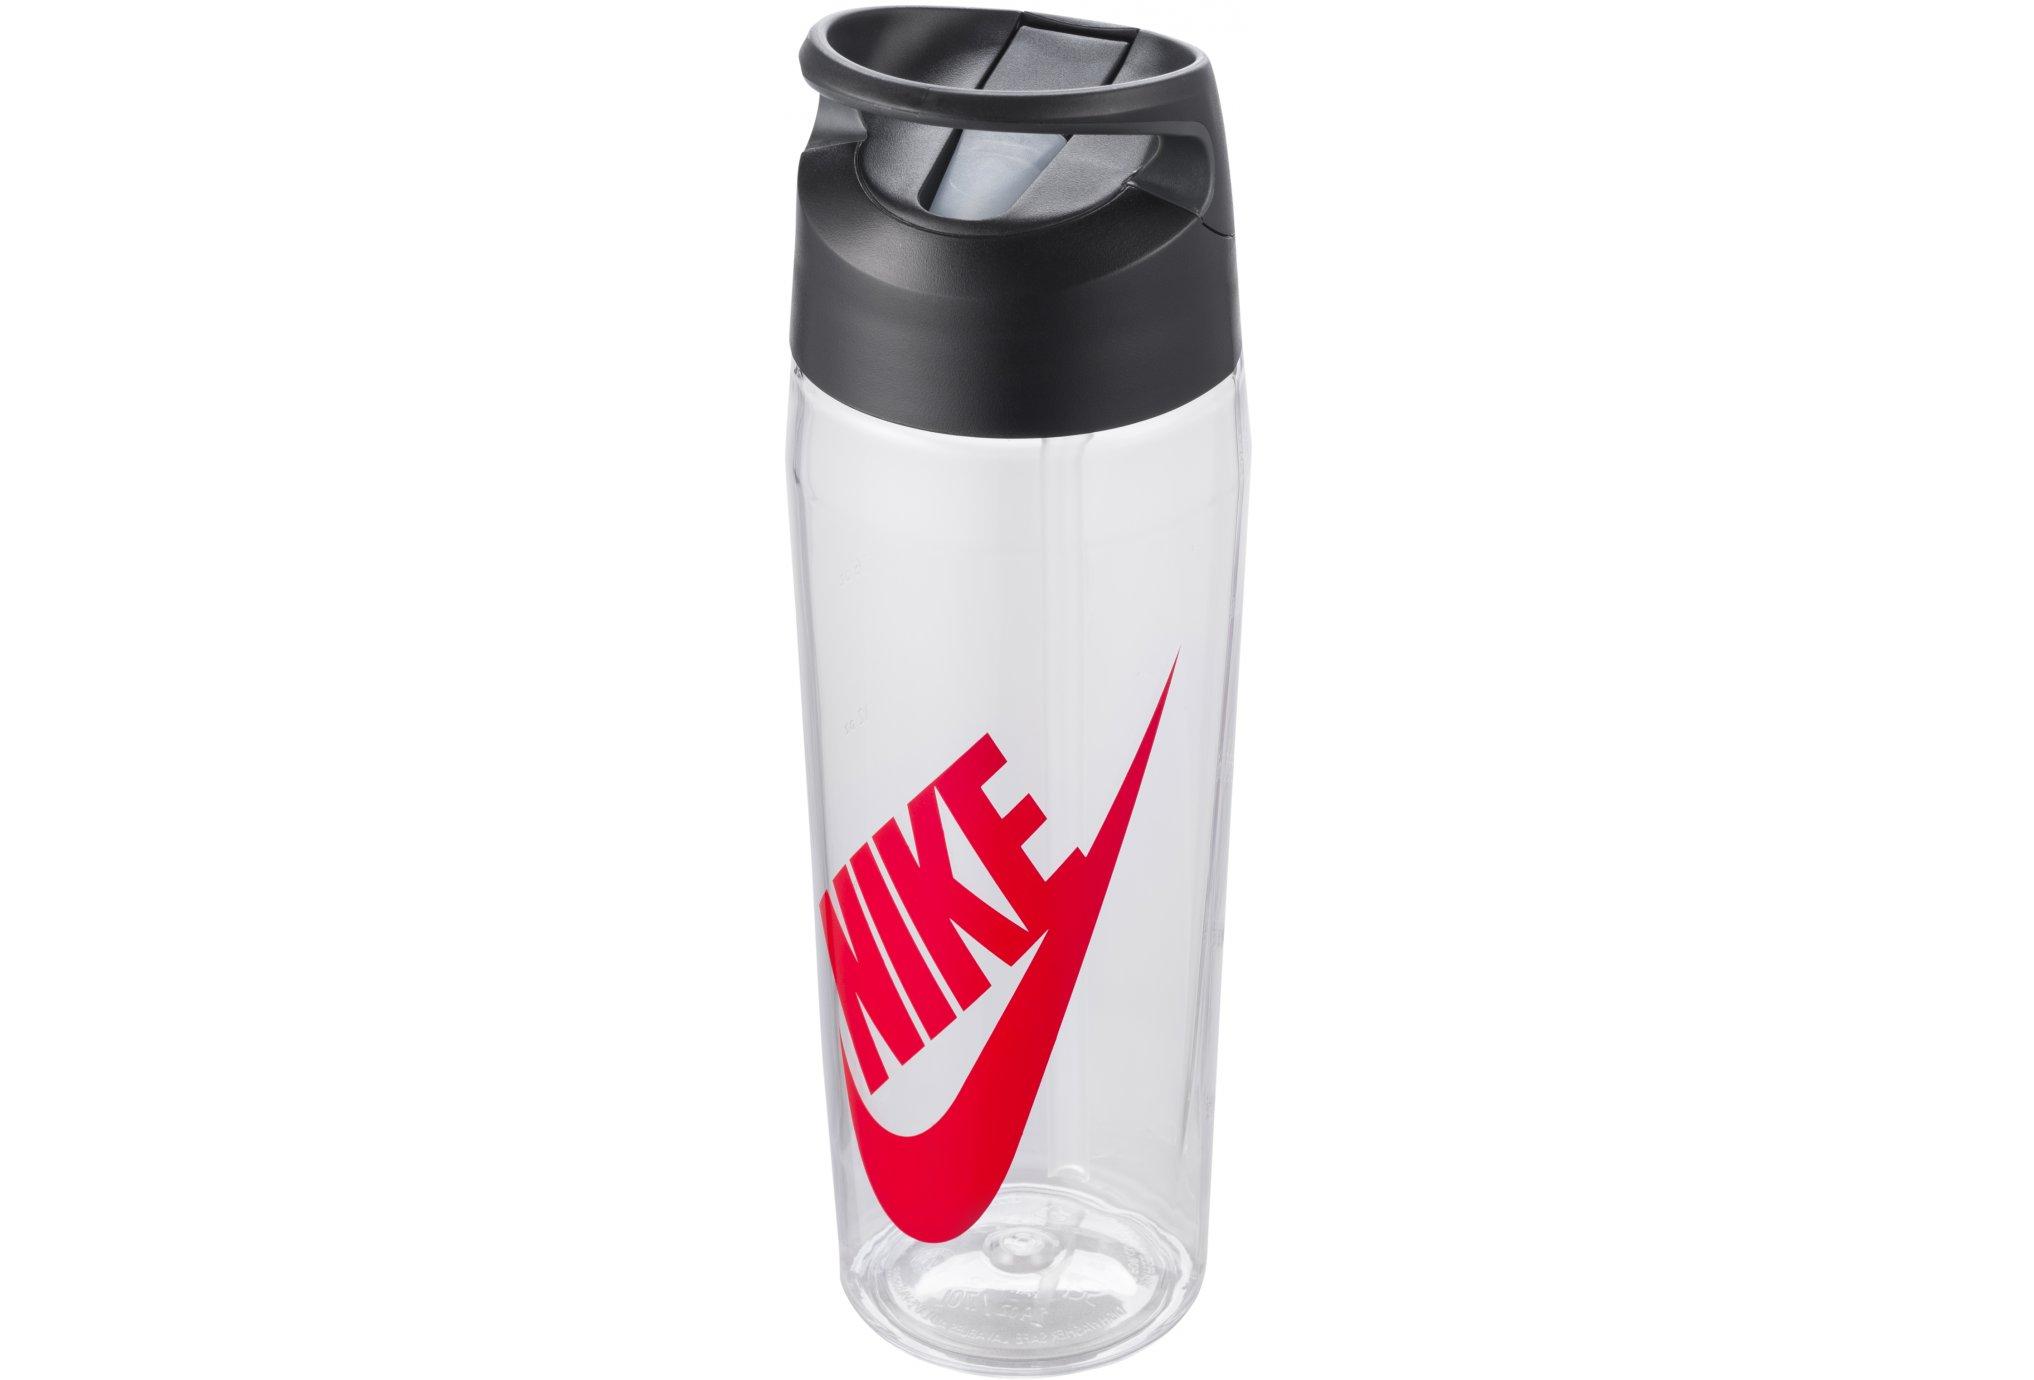 Nike Gourde Hypercharge Straw Graphic 700 ml Sac hydratation / Gourde